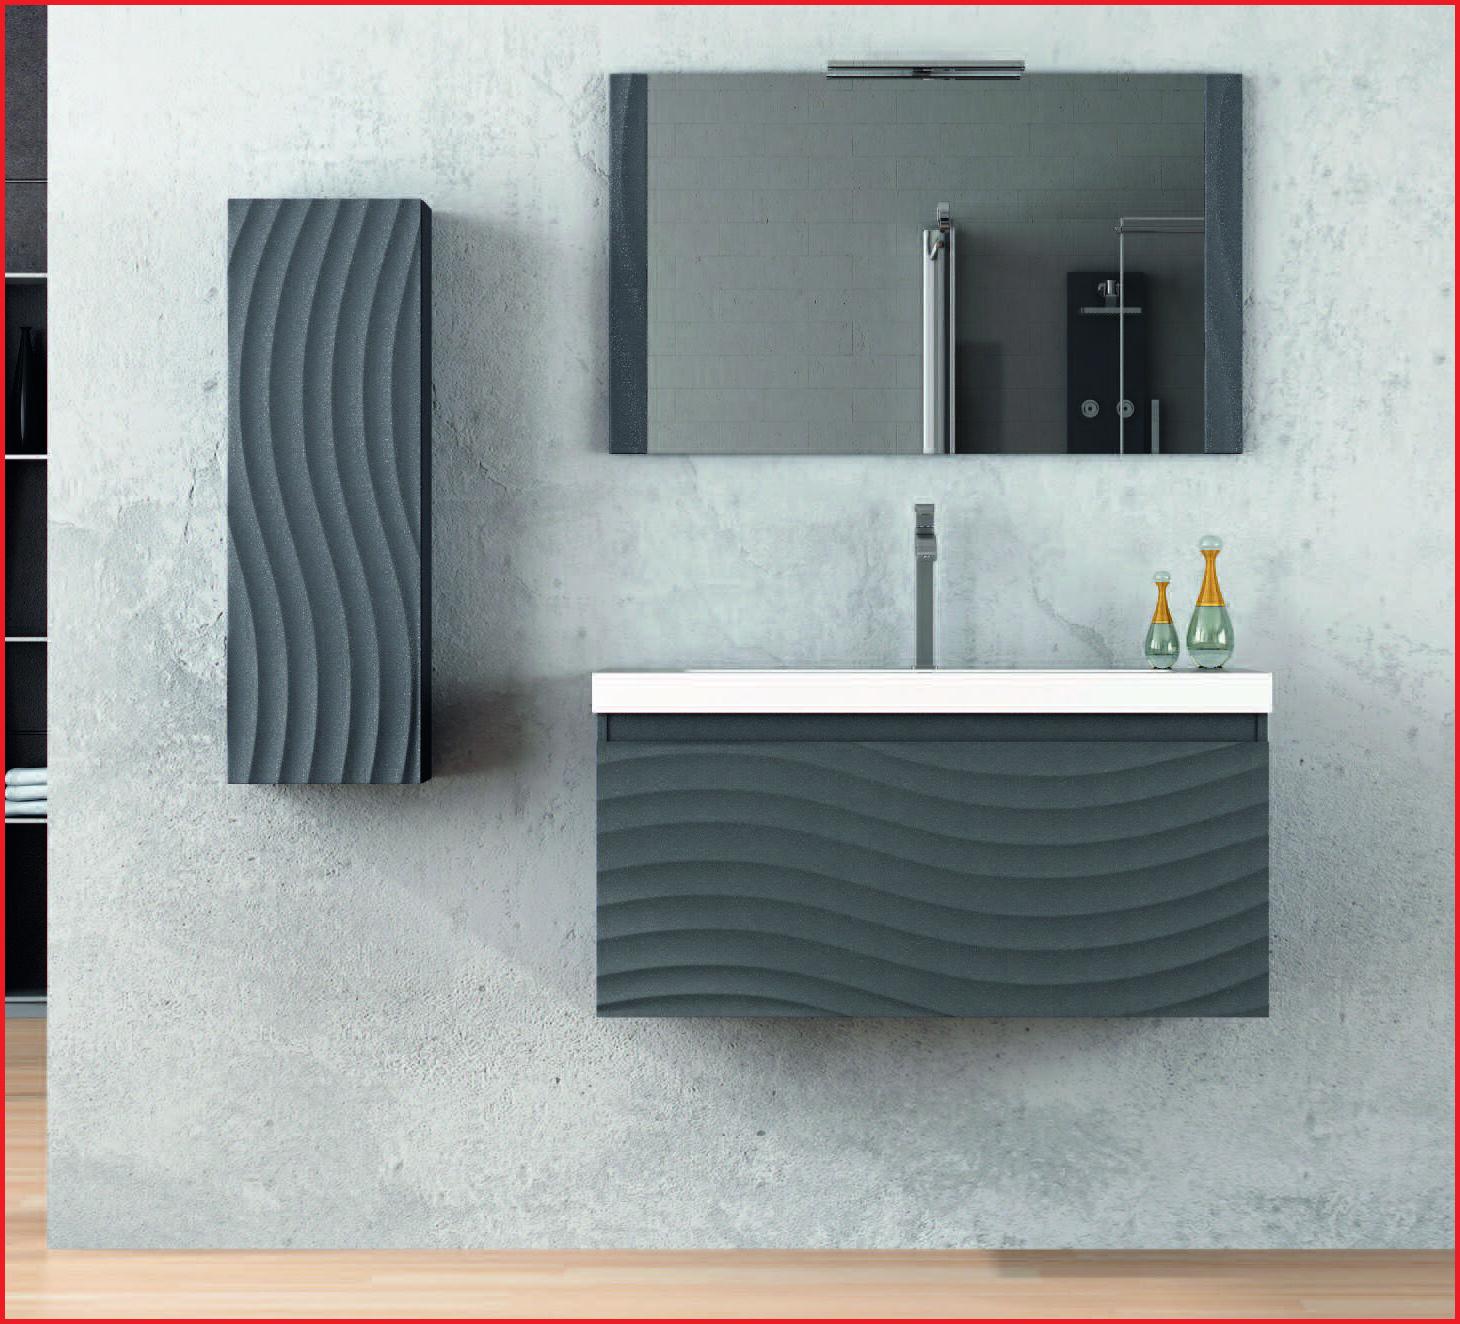 Muebles Baño Diseño Kvdd Imagenes De Muebles De Baà O Mueble Para BaO Muebles Bano